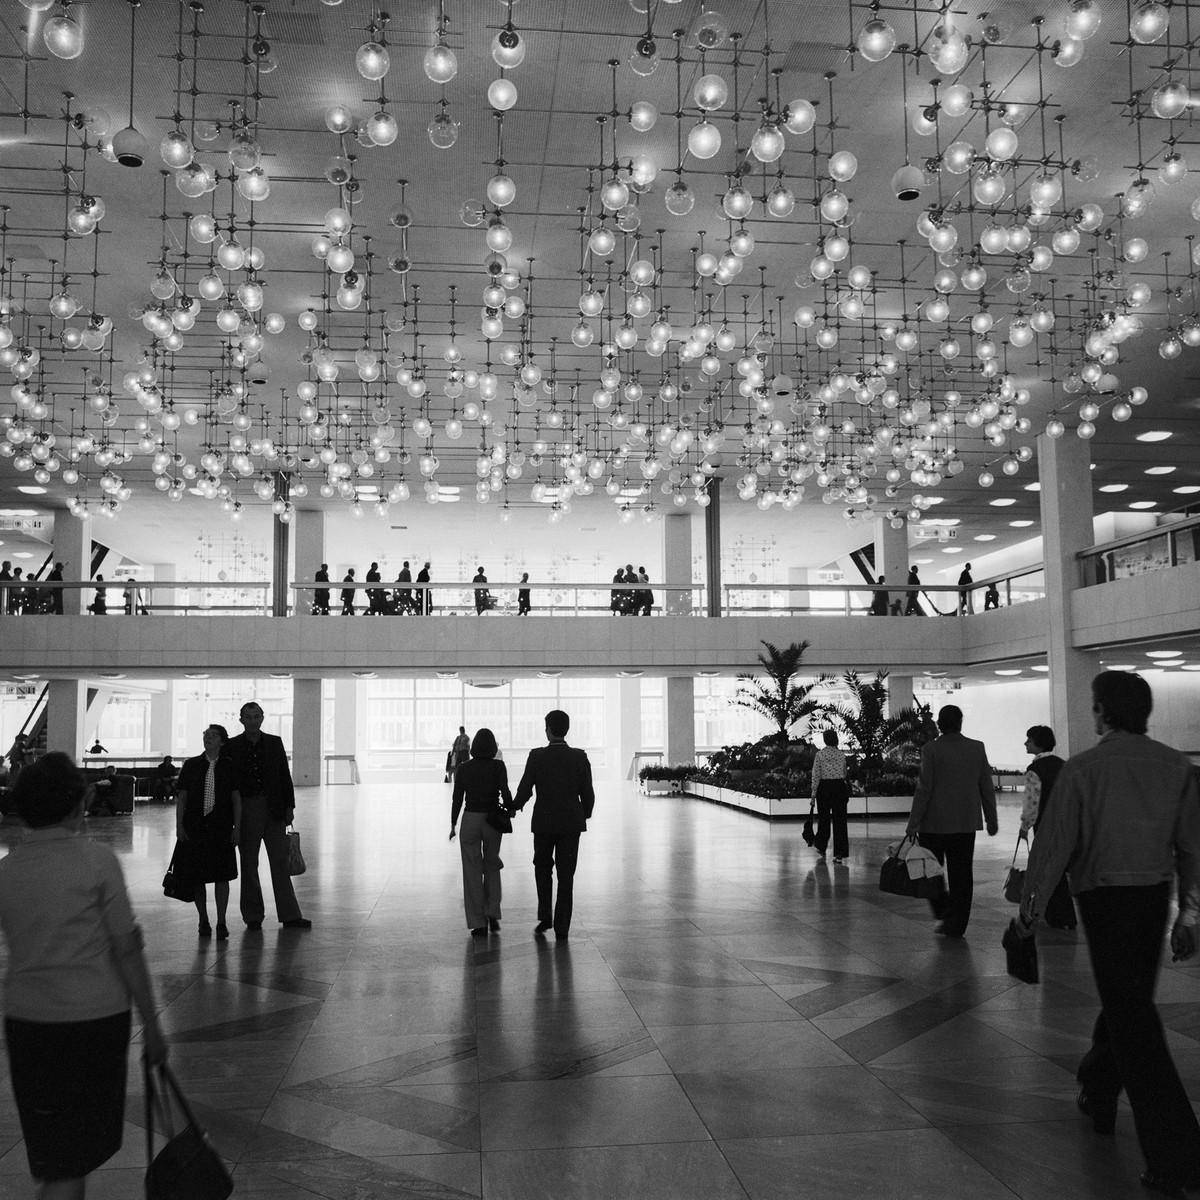 Foyer des Palasts der Republik, Berlin,  7. Juli 1977 (Architektur: Heinz Graffunder) © ddrbildarchiv.de / Manfred Uhlenhu